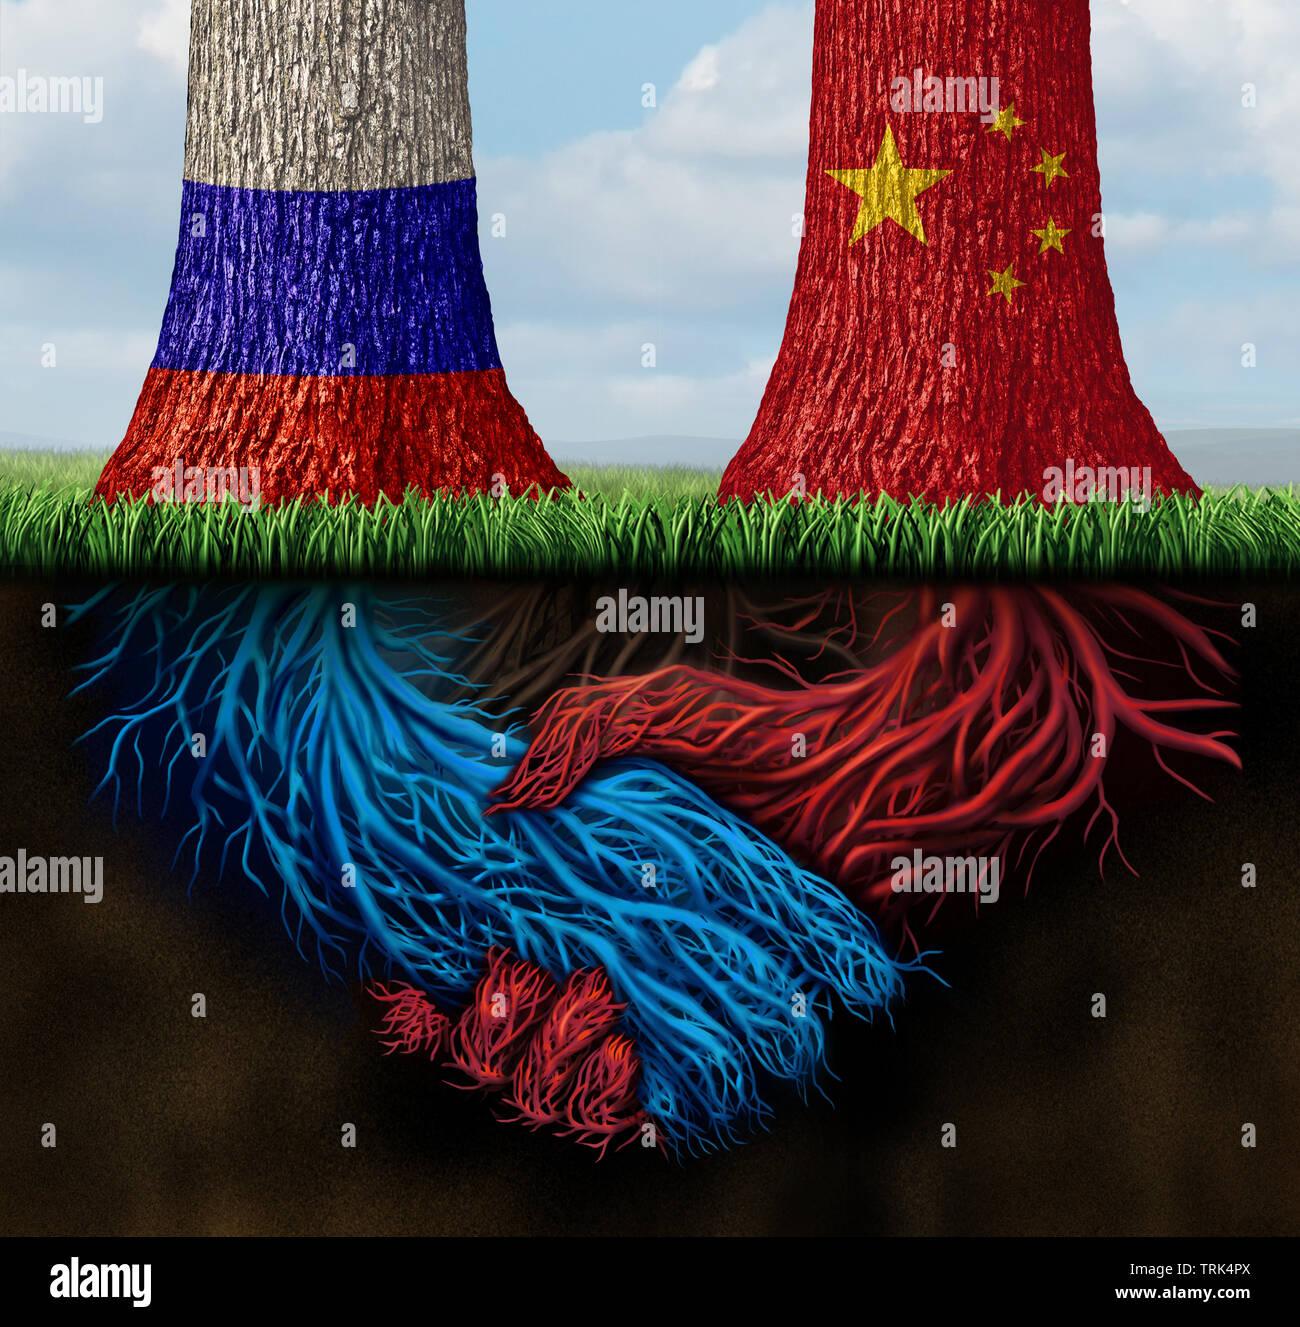 China Rusia acuerdo comercial y tratar ruso o chino la negociación como un tratado económico y solución financiera global sobre las importaciones y las exportaciones. Foto de stock